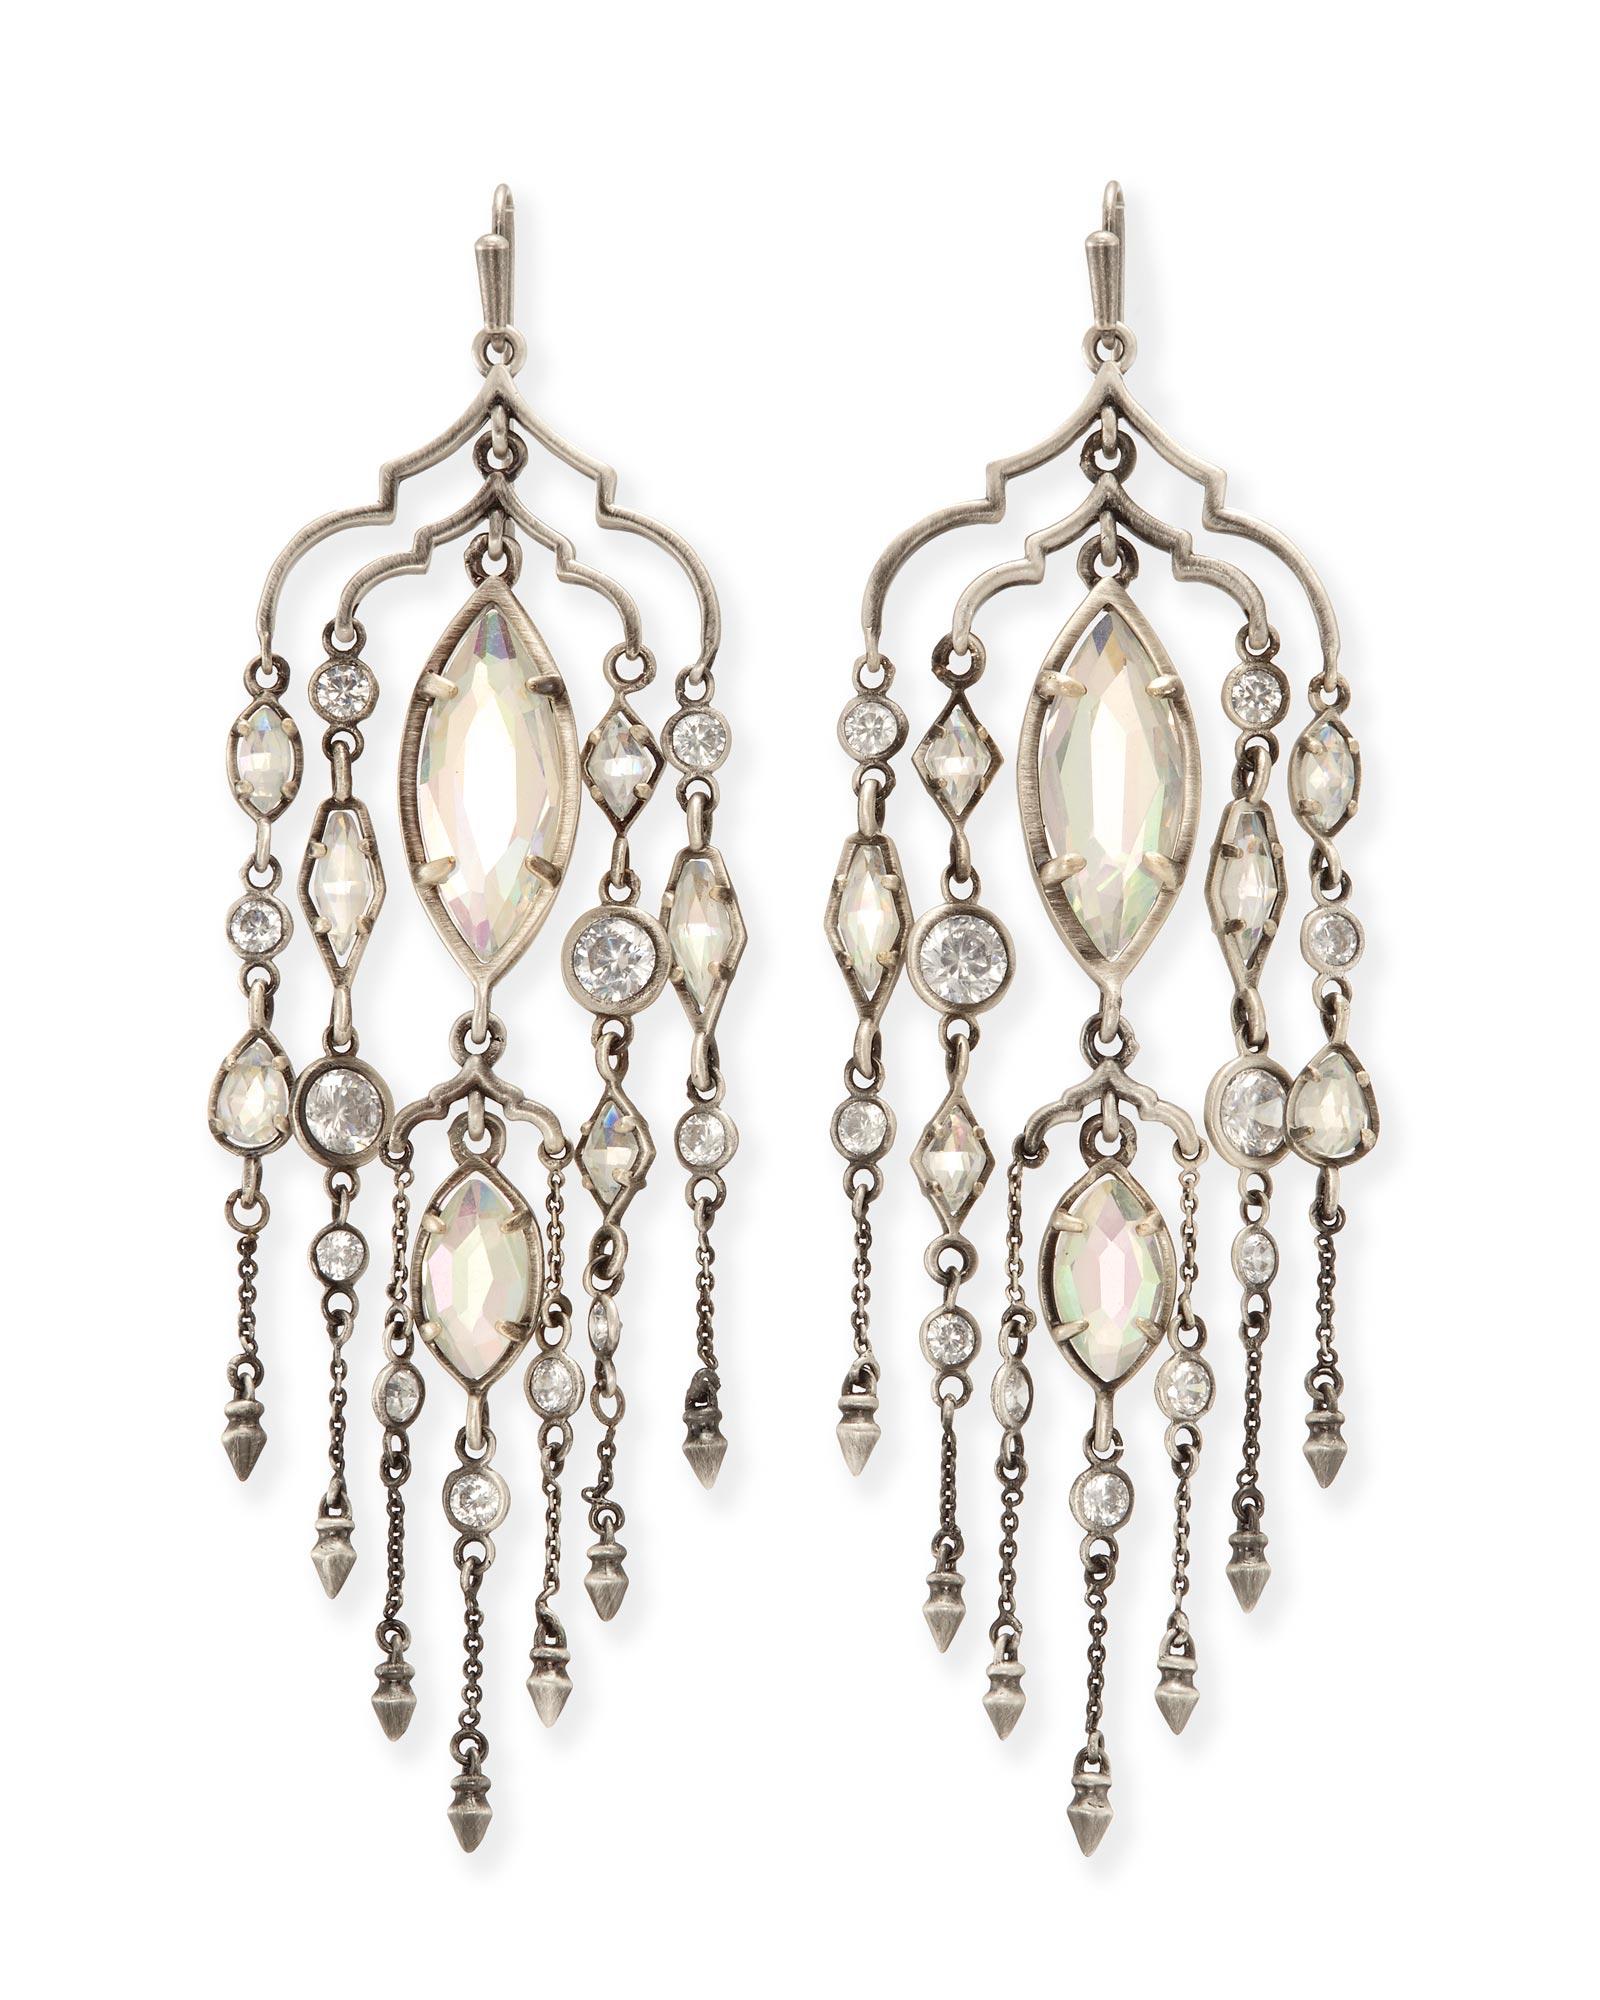 Emma Silver Chandelier Duster Earrings